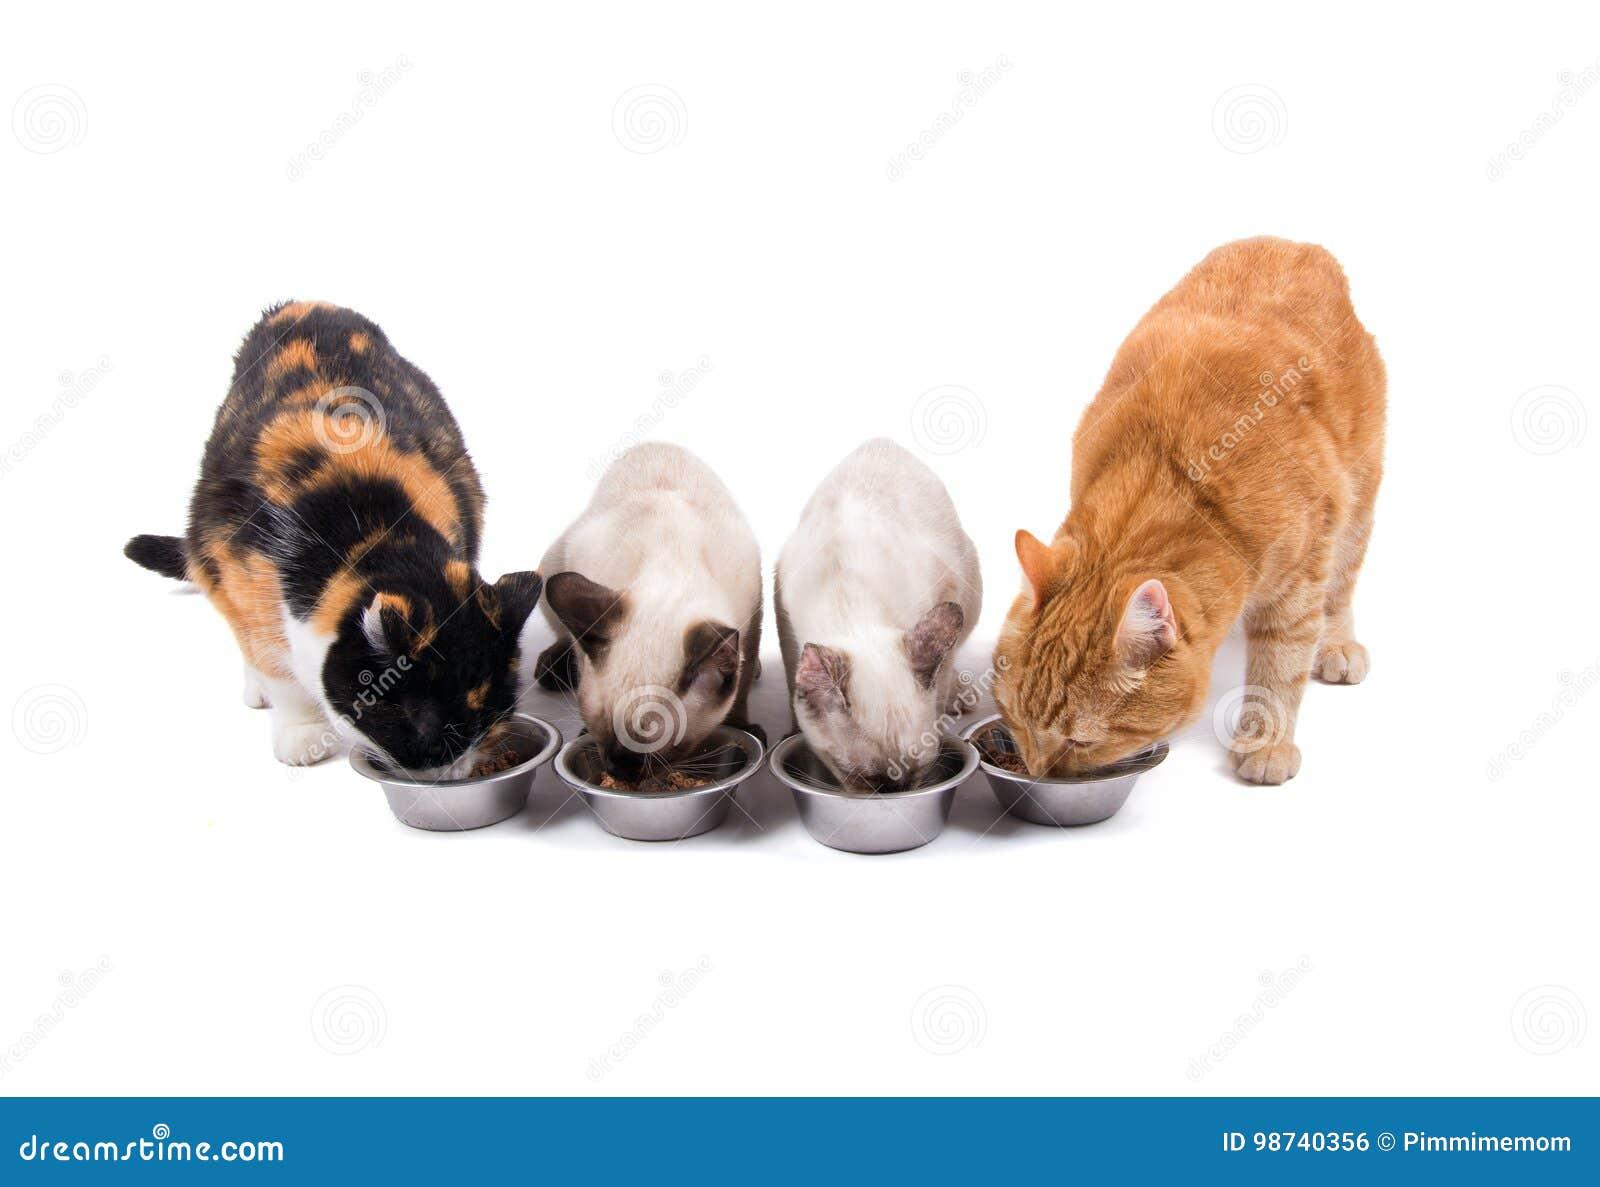 Vorderansicht von vier Katzen, Erwachsene und Kätzchen, essend